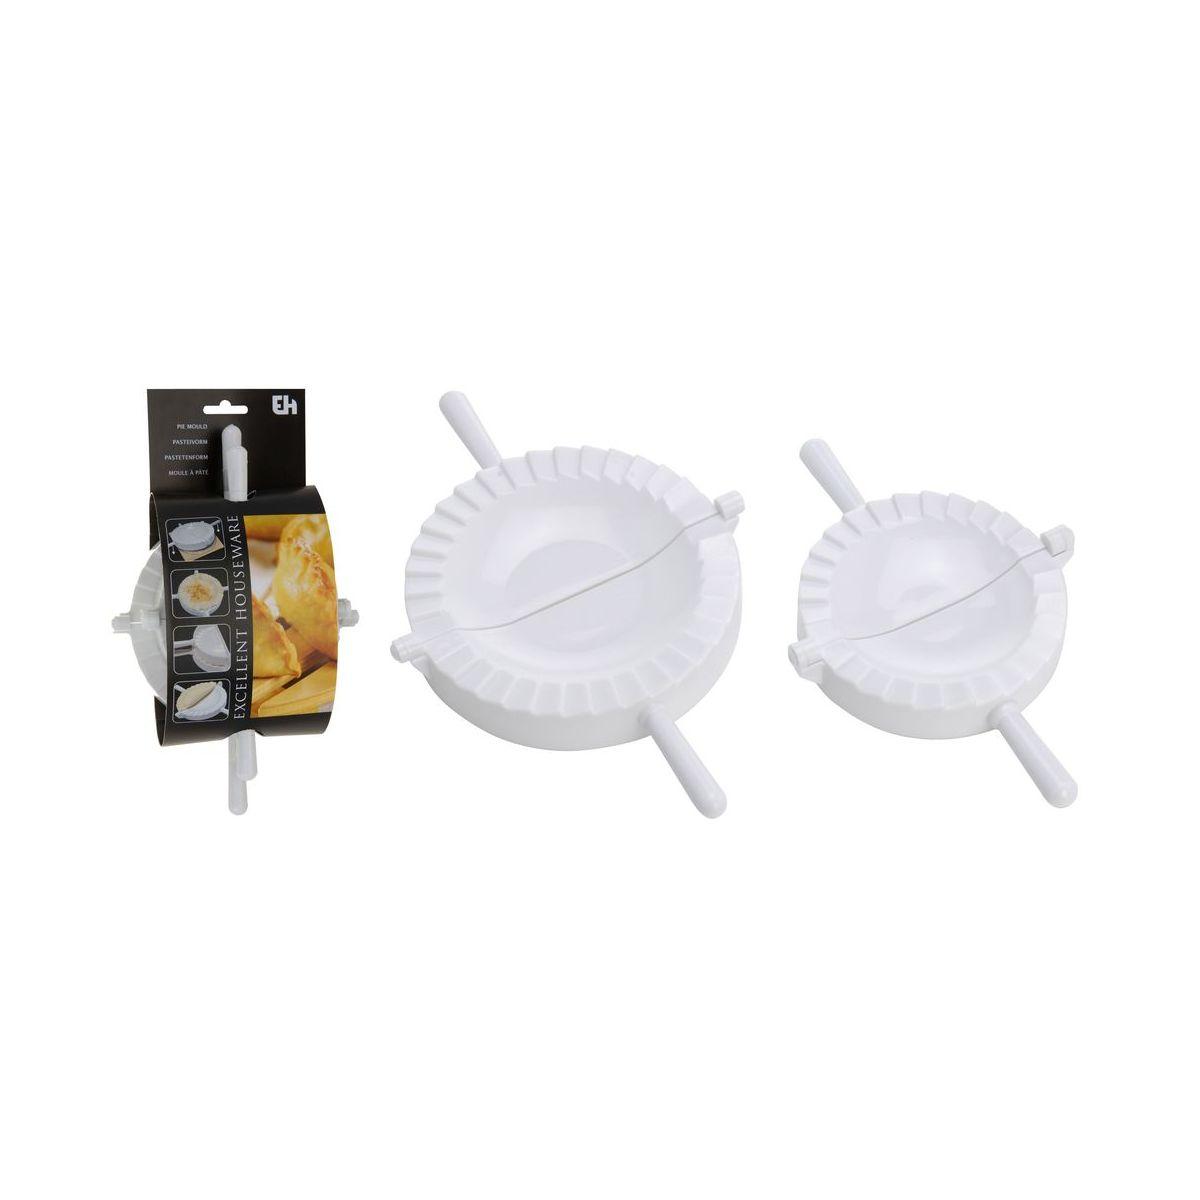 Набор форм д/пирожков/пельменей/вареников 2 штформа для формирования пирожков/пельменей/вареников, наб.2 шт<br>